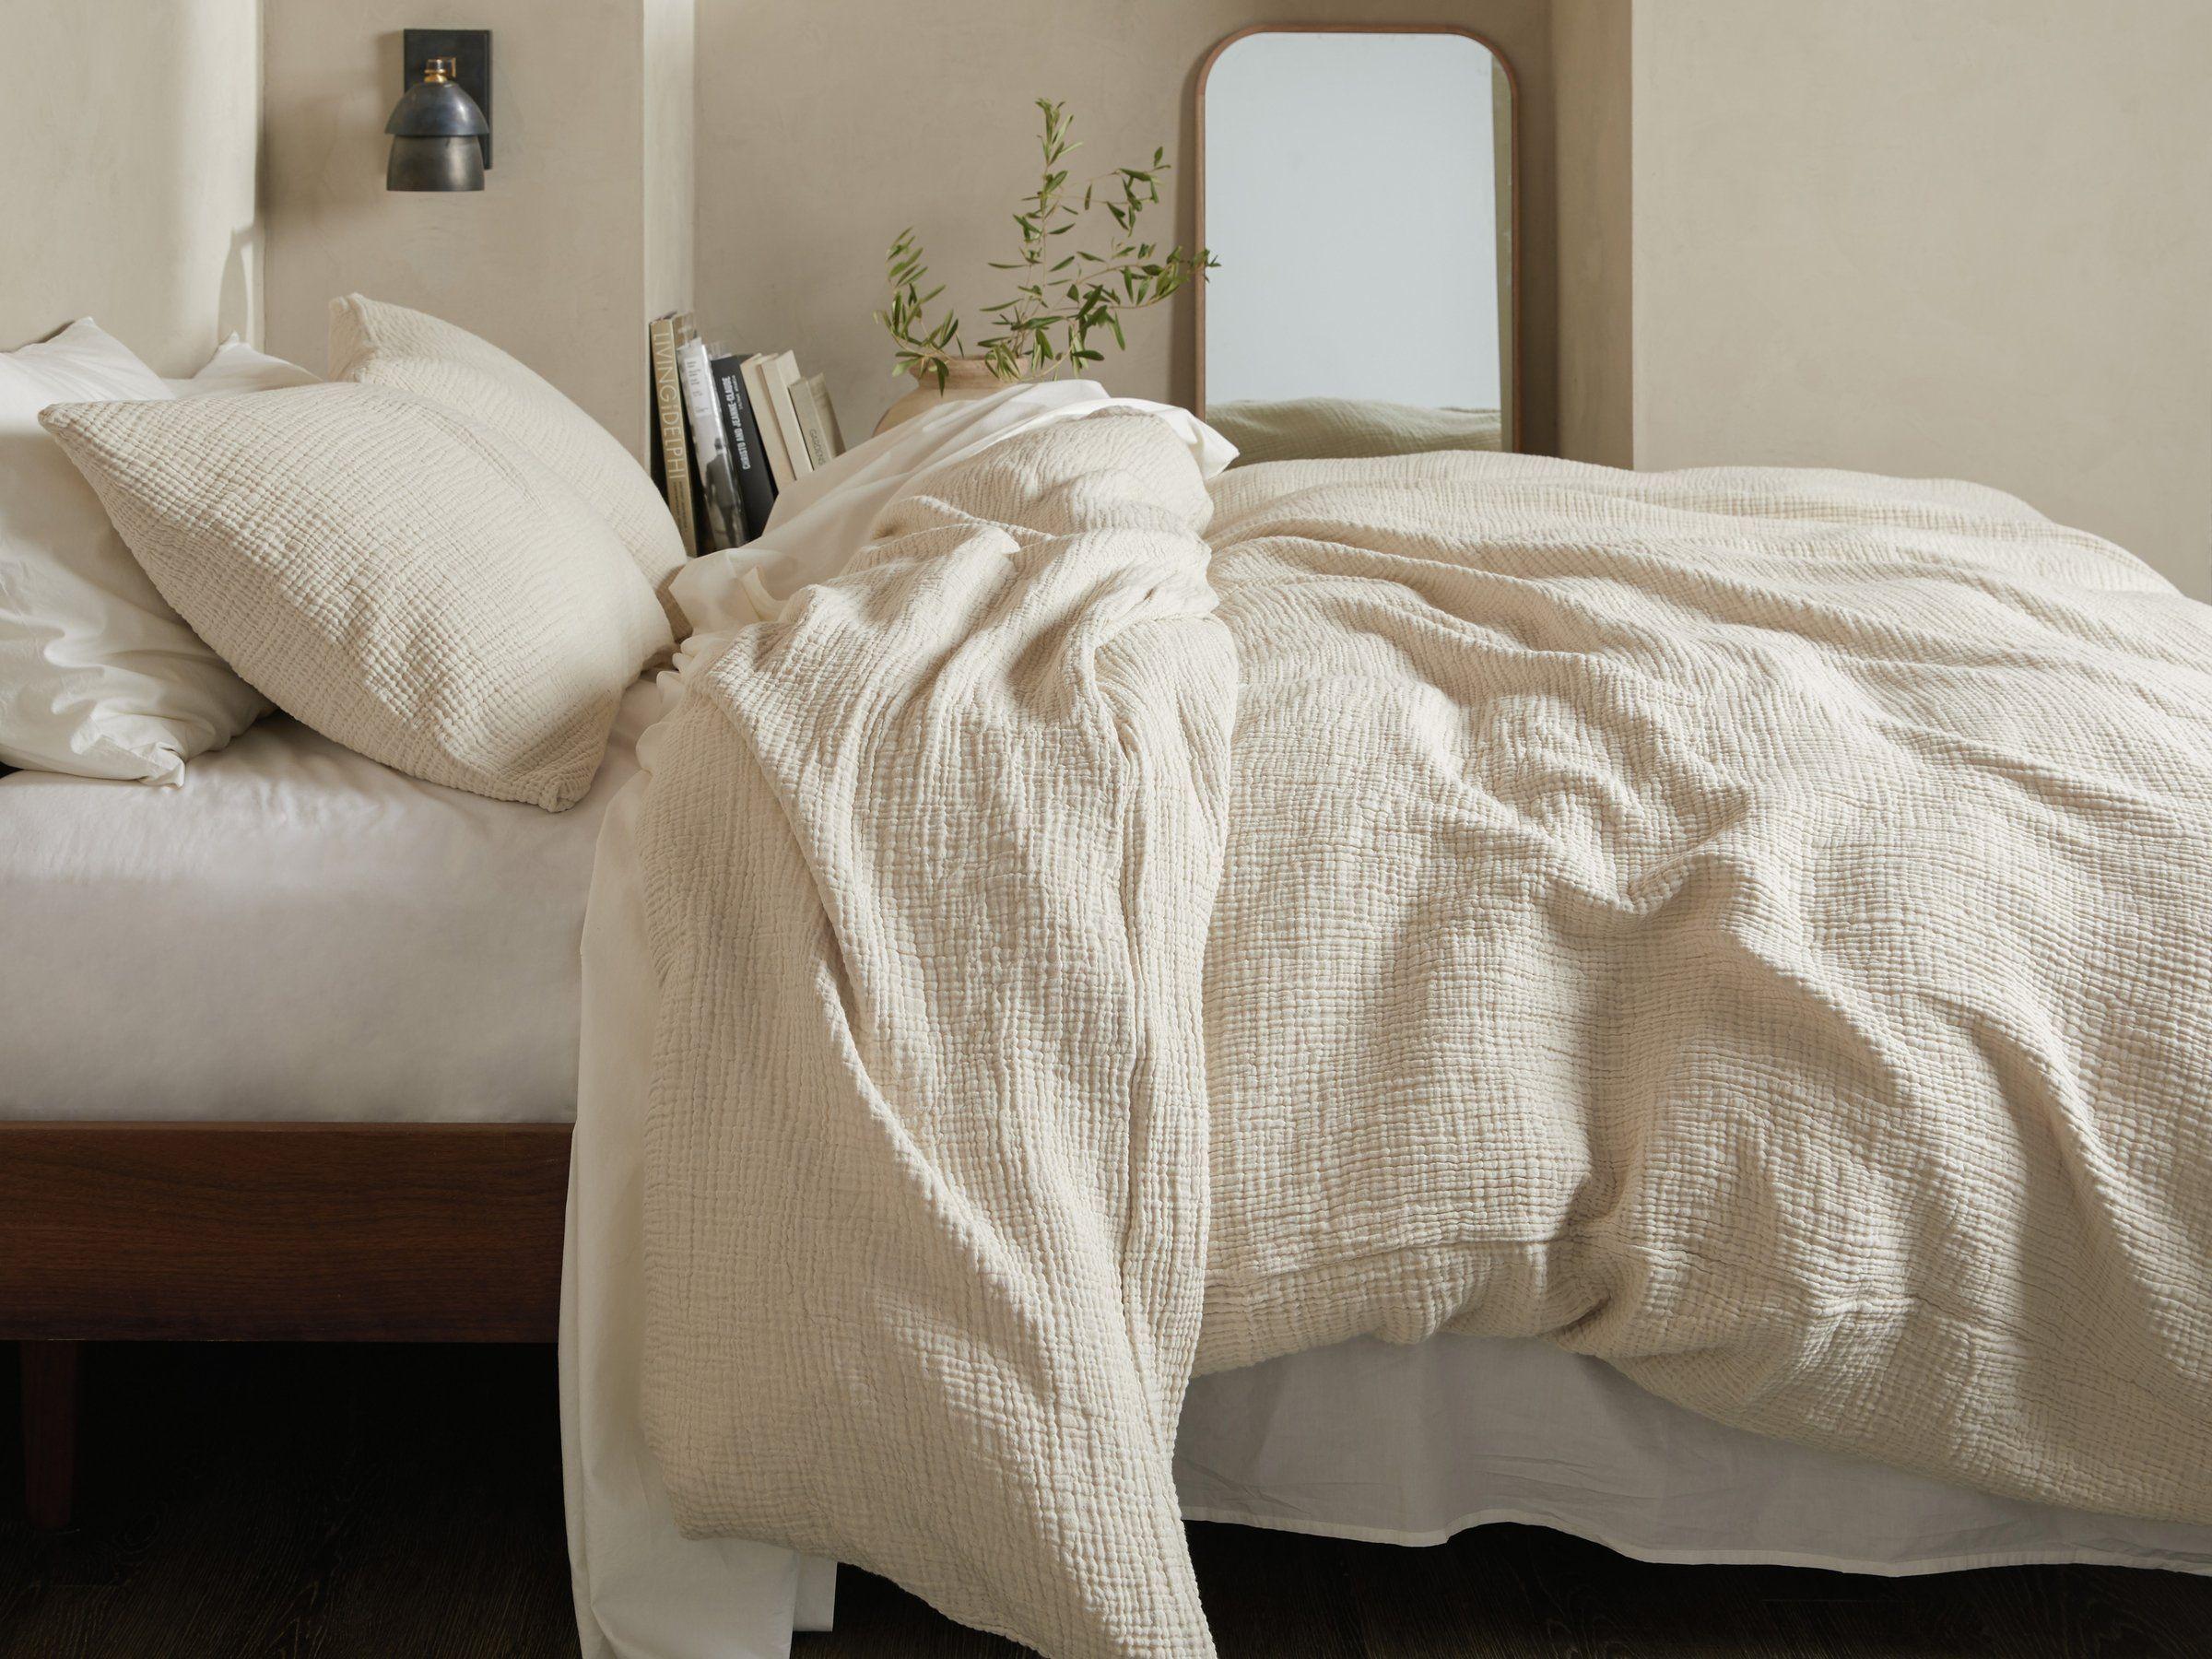 Cloud Cotton Duvet Cover Set Parachute In 2021 Duvet Cover Sets Cotton Duvet Cover Cotton Duvet What is a duvet cover set